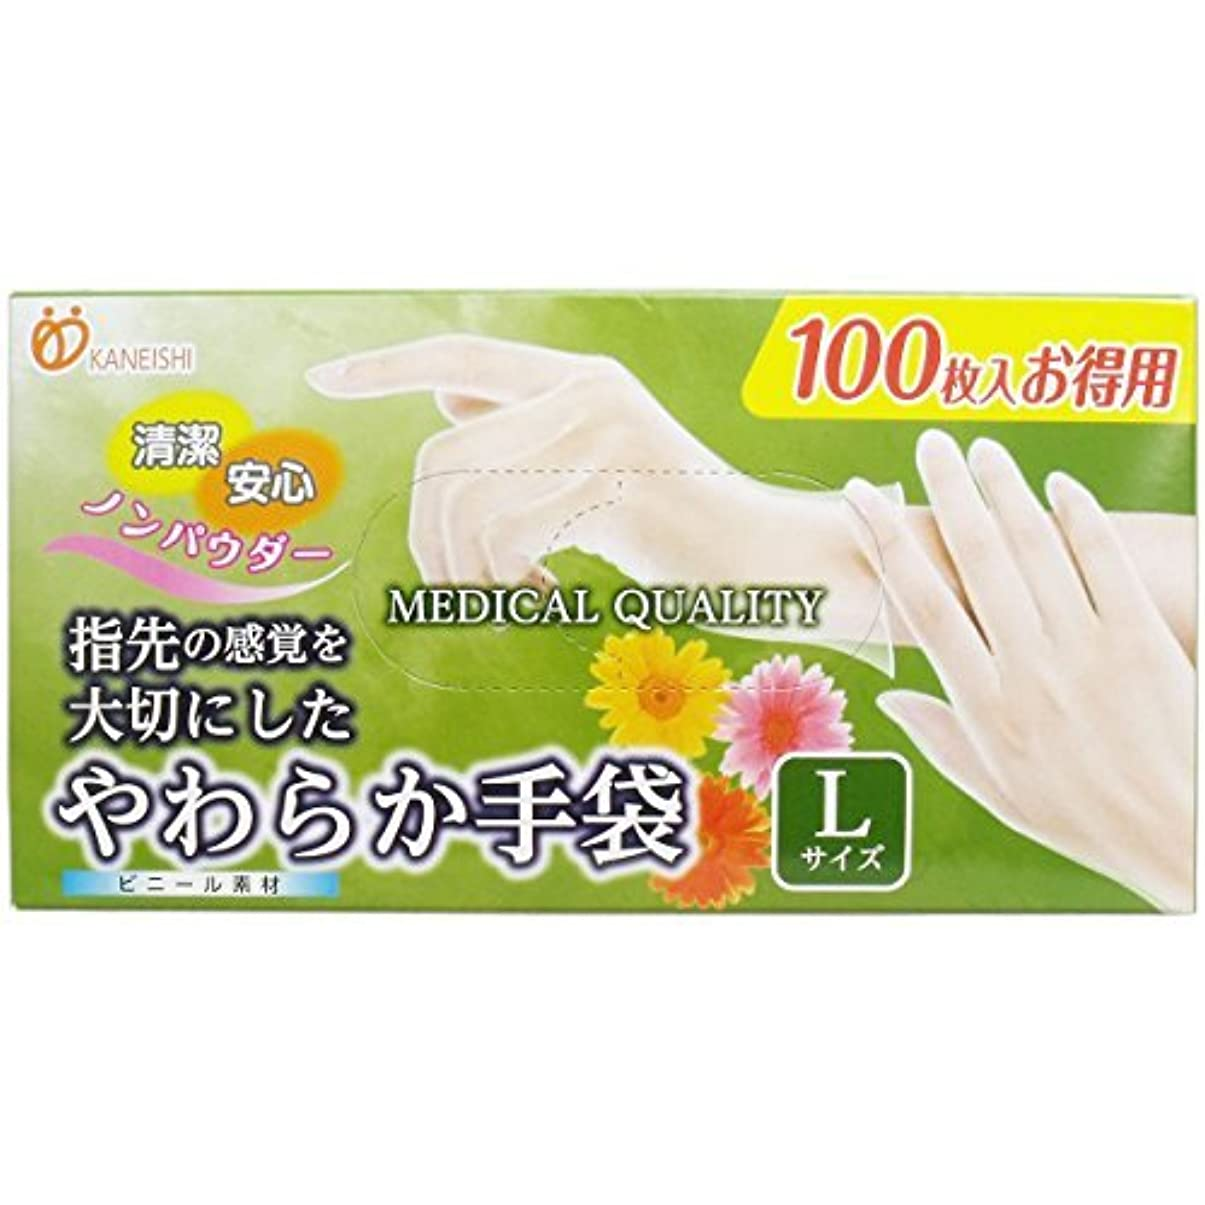 処方潜在的な素晴らしさやわらか手袋 ビニール素材 Lサイズ 100枚入x7